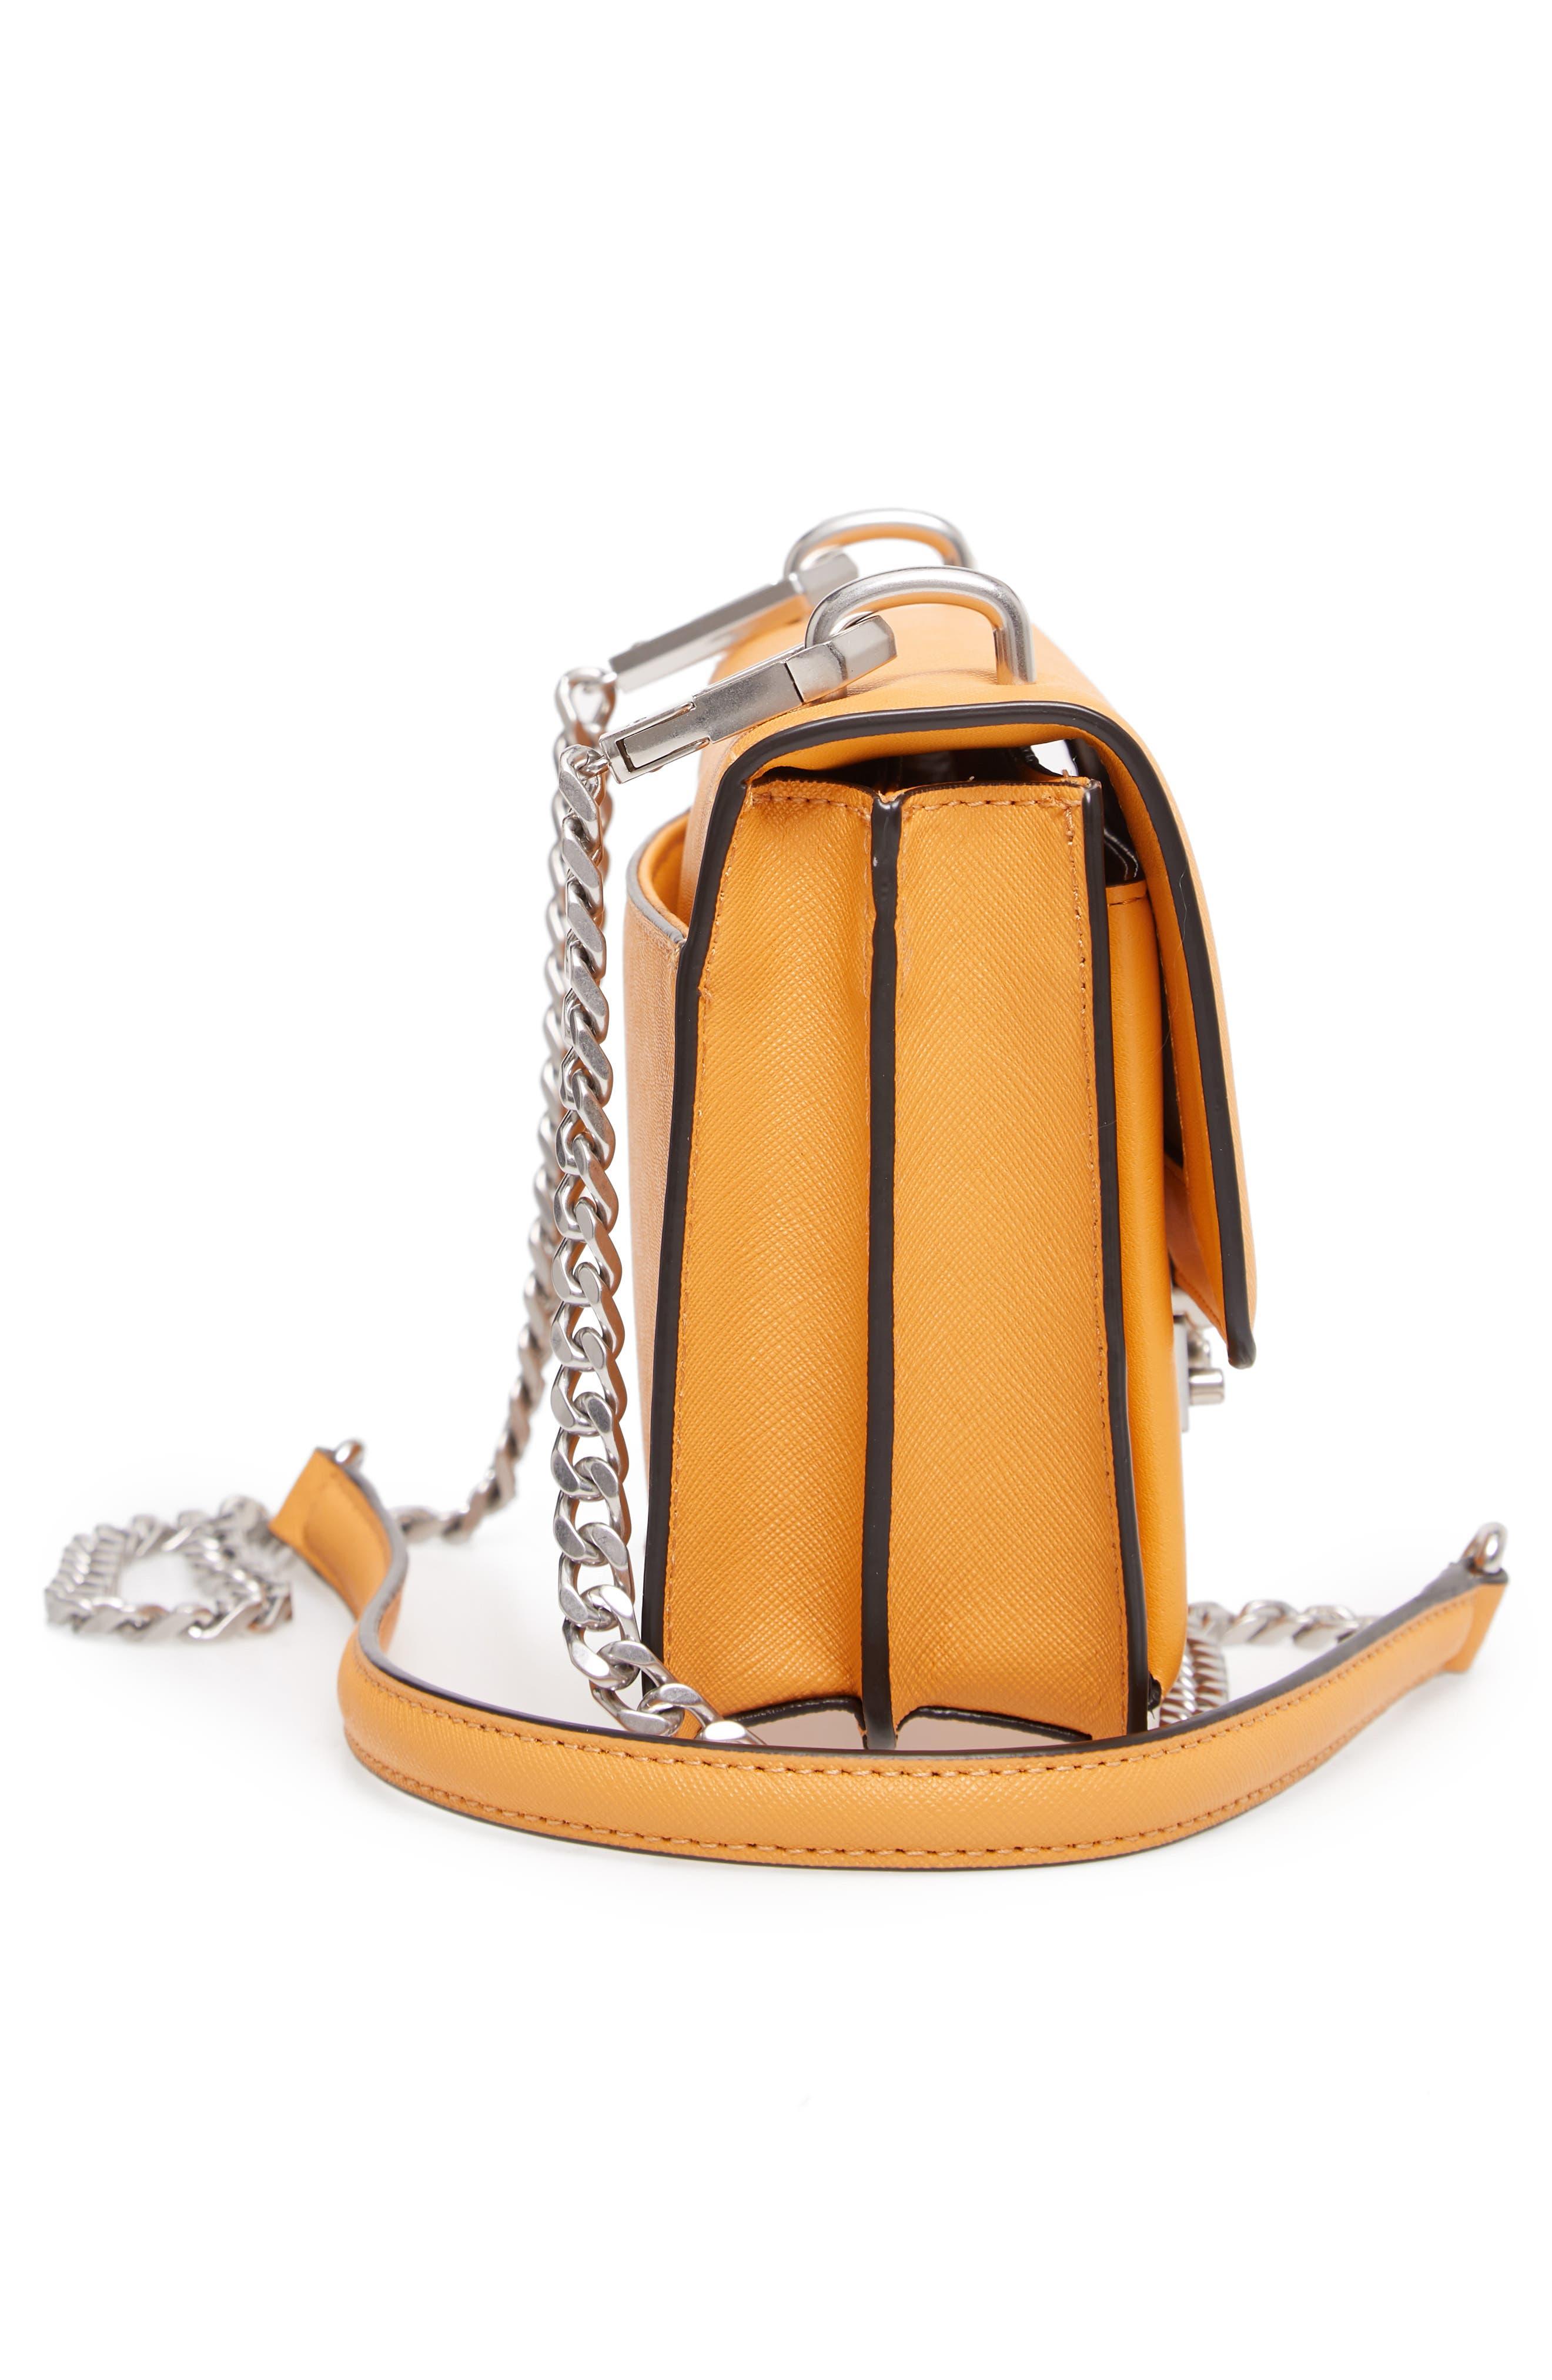 Medium Christy Leather Shoulder Bag,                             Alternate thumbnail 22, color,